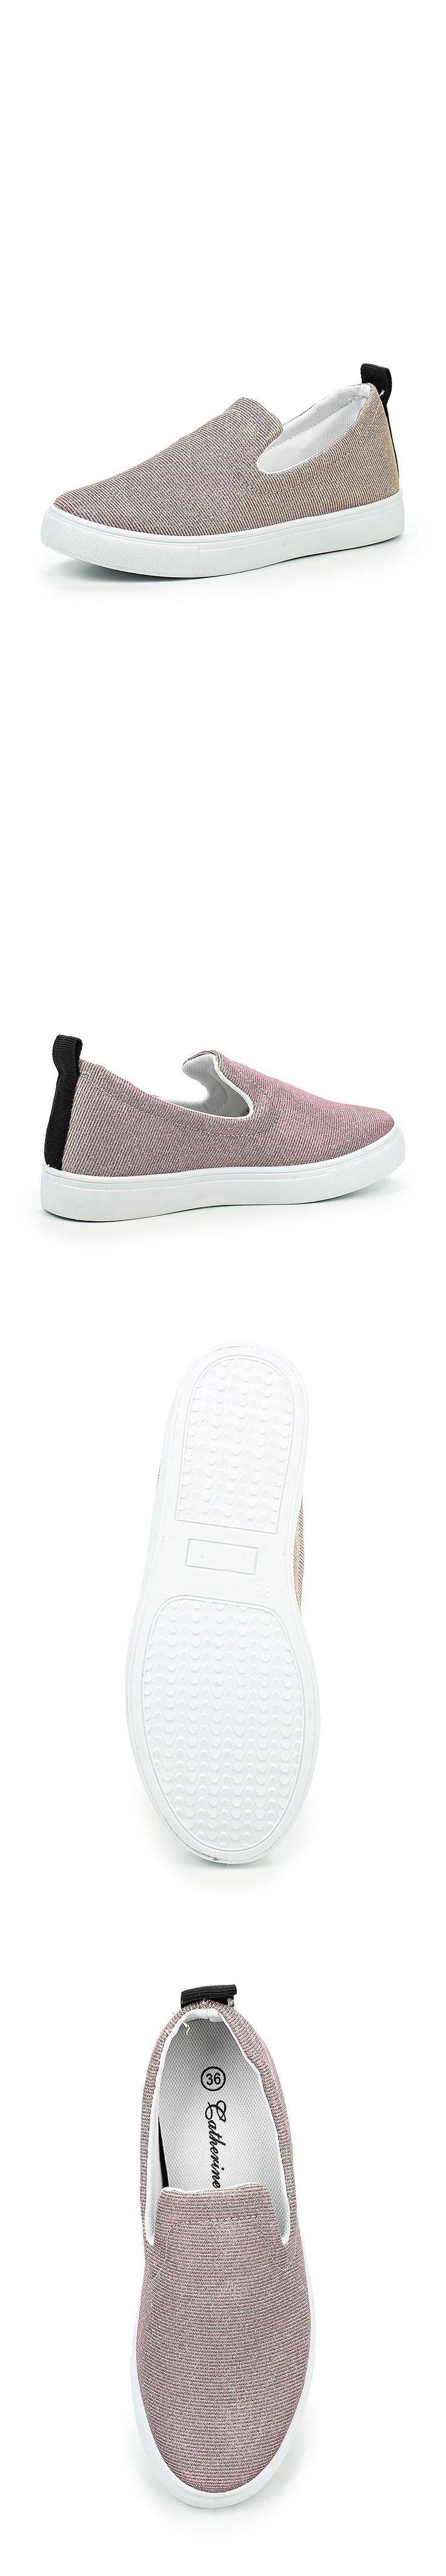 Женская обувь слипоны Catherine за 2230.00 руб.